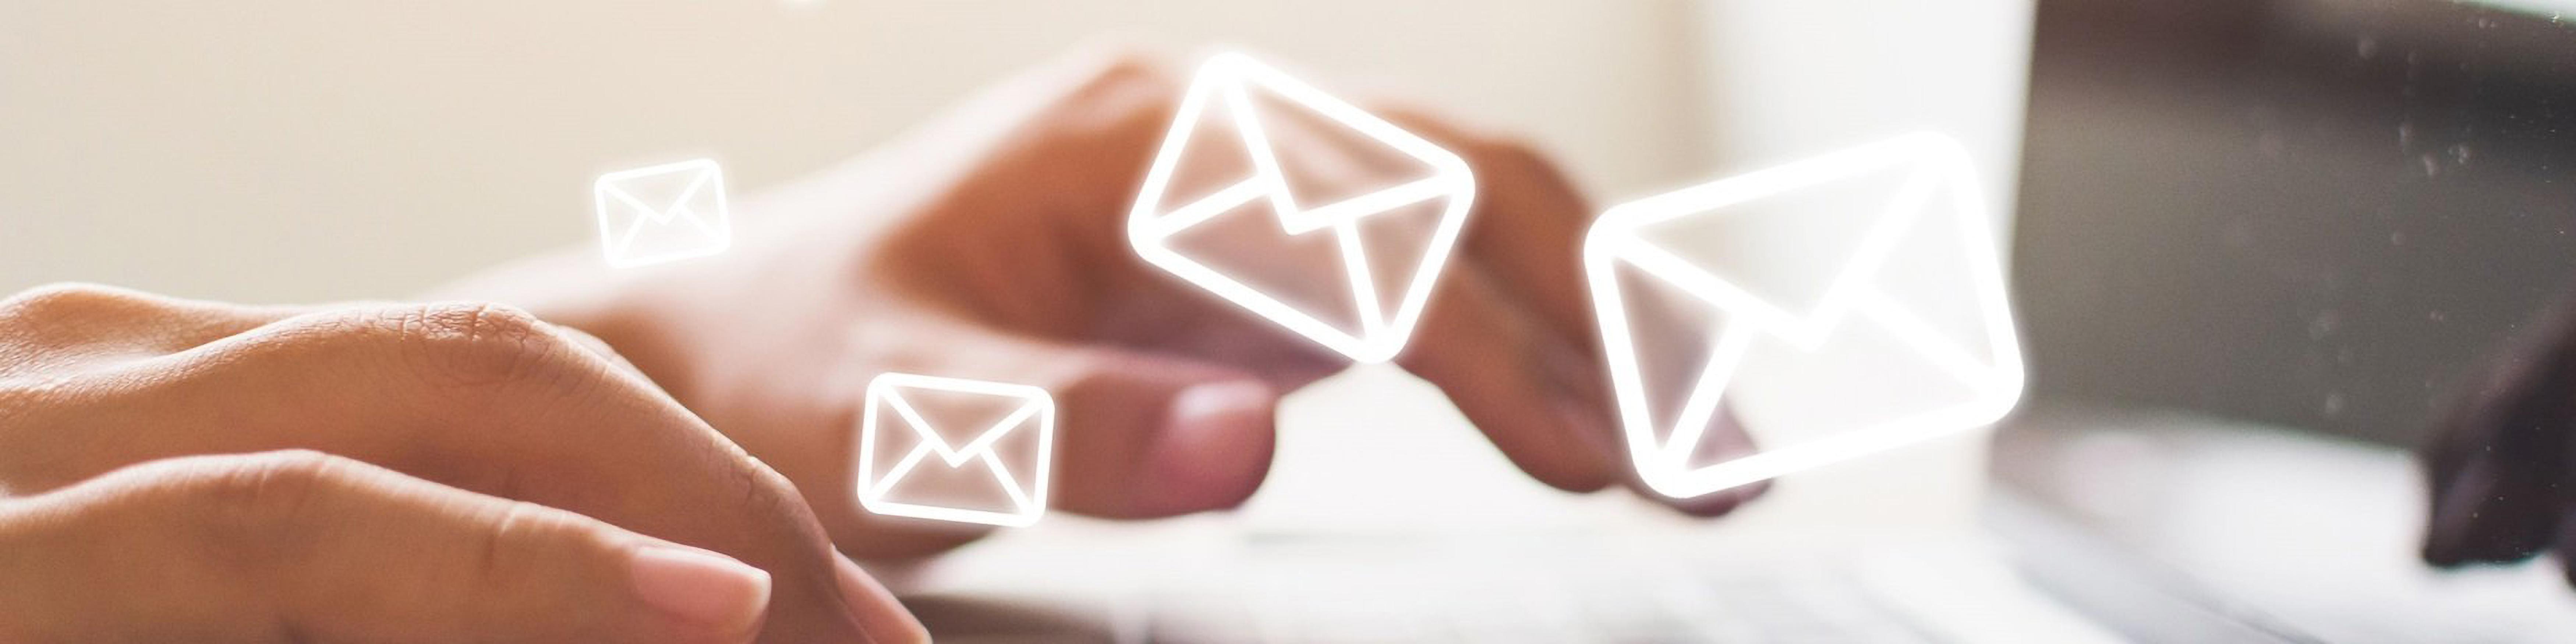 I struggle to manage my emails